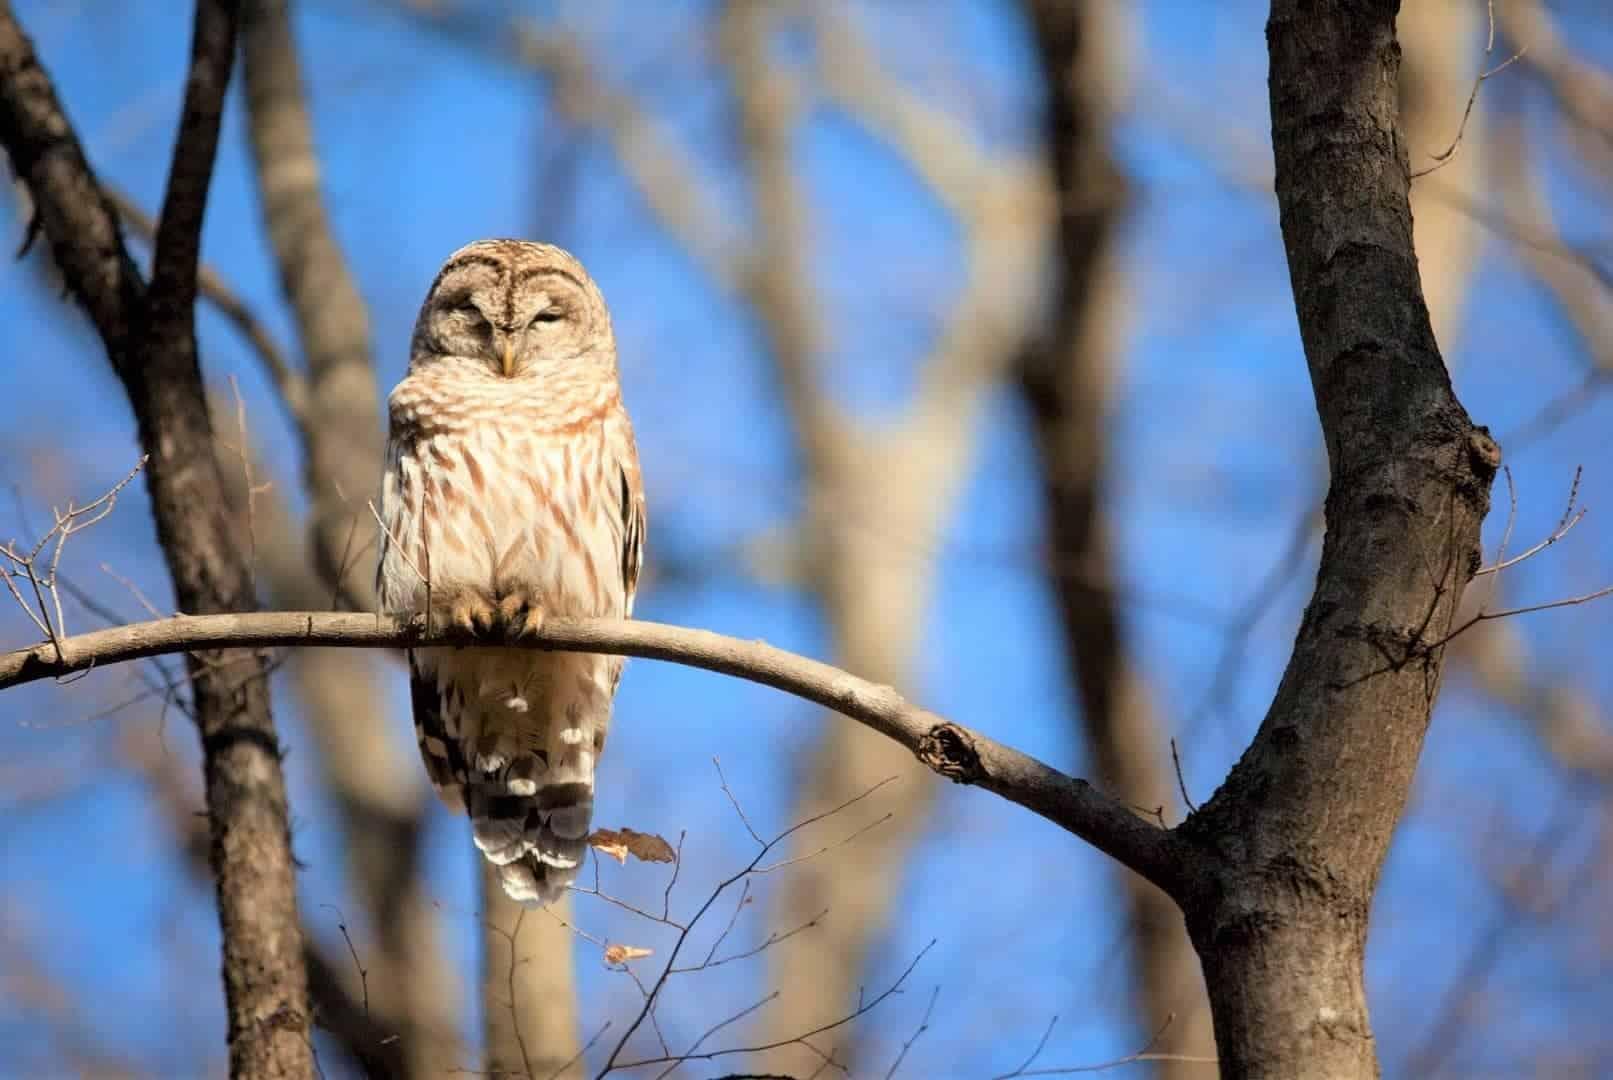 Where Do Owls Sleep How Do They Sleep Face Down